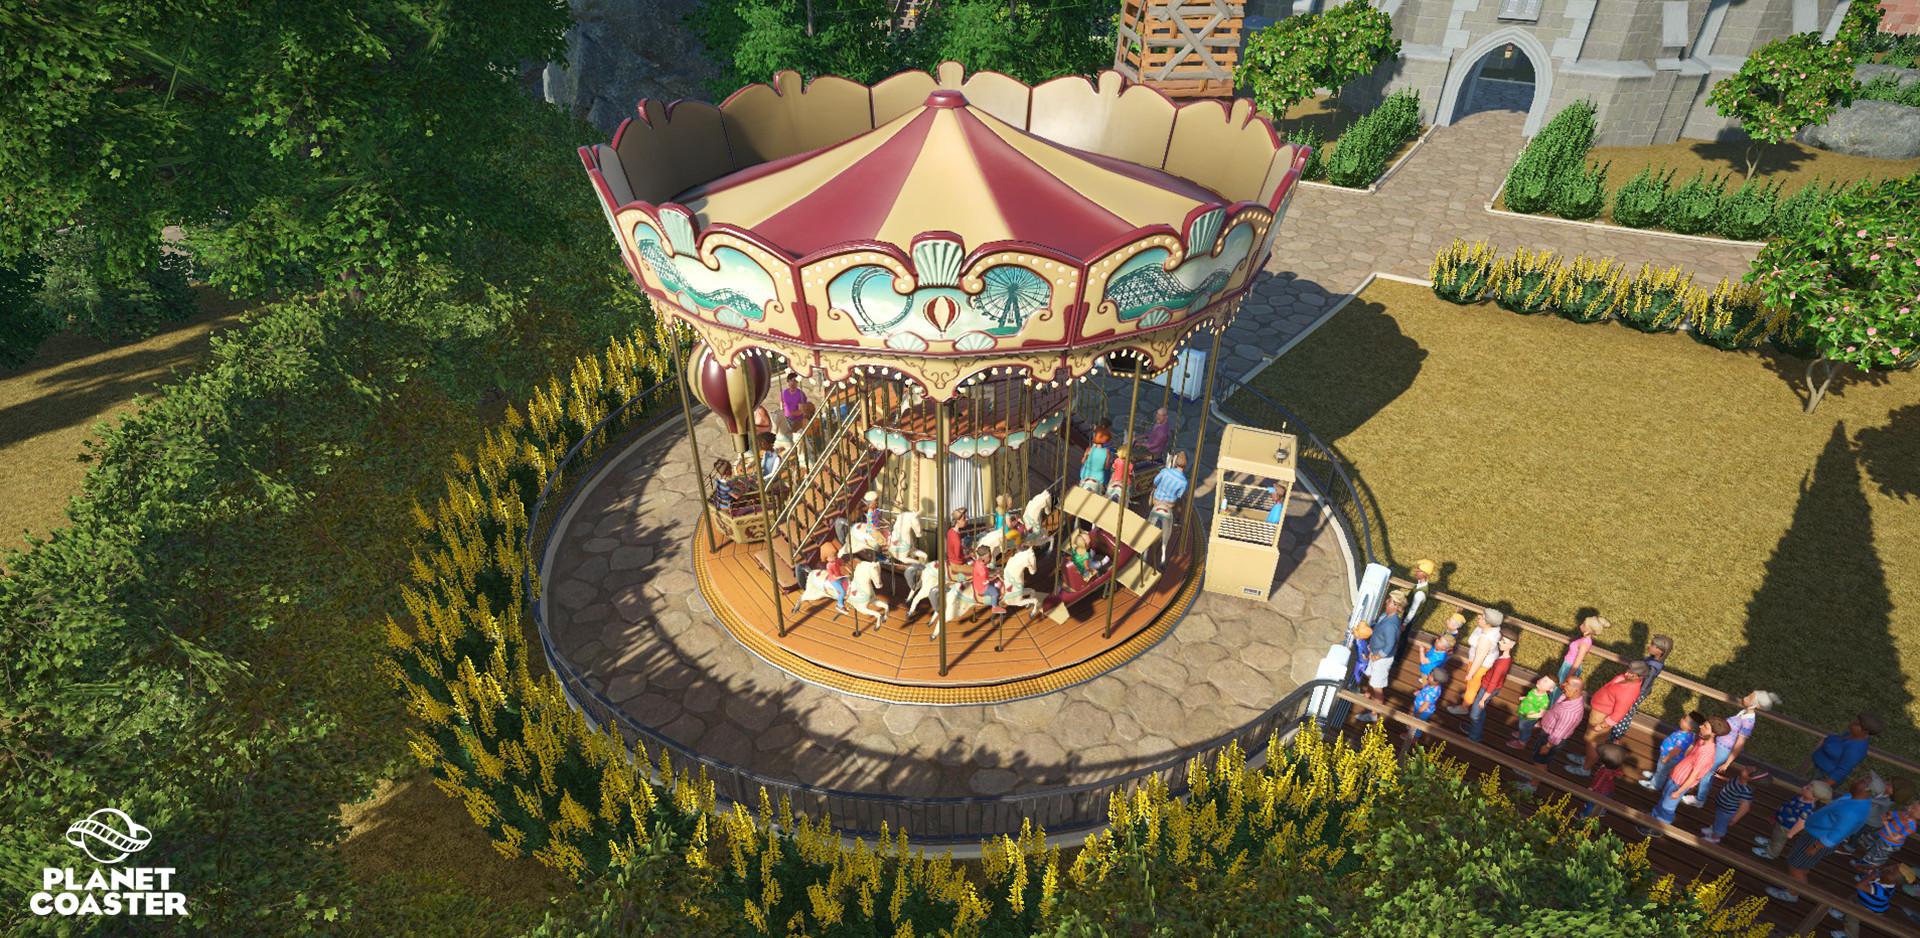 Oscar rickett carousel4